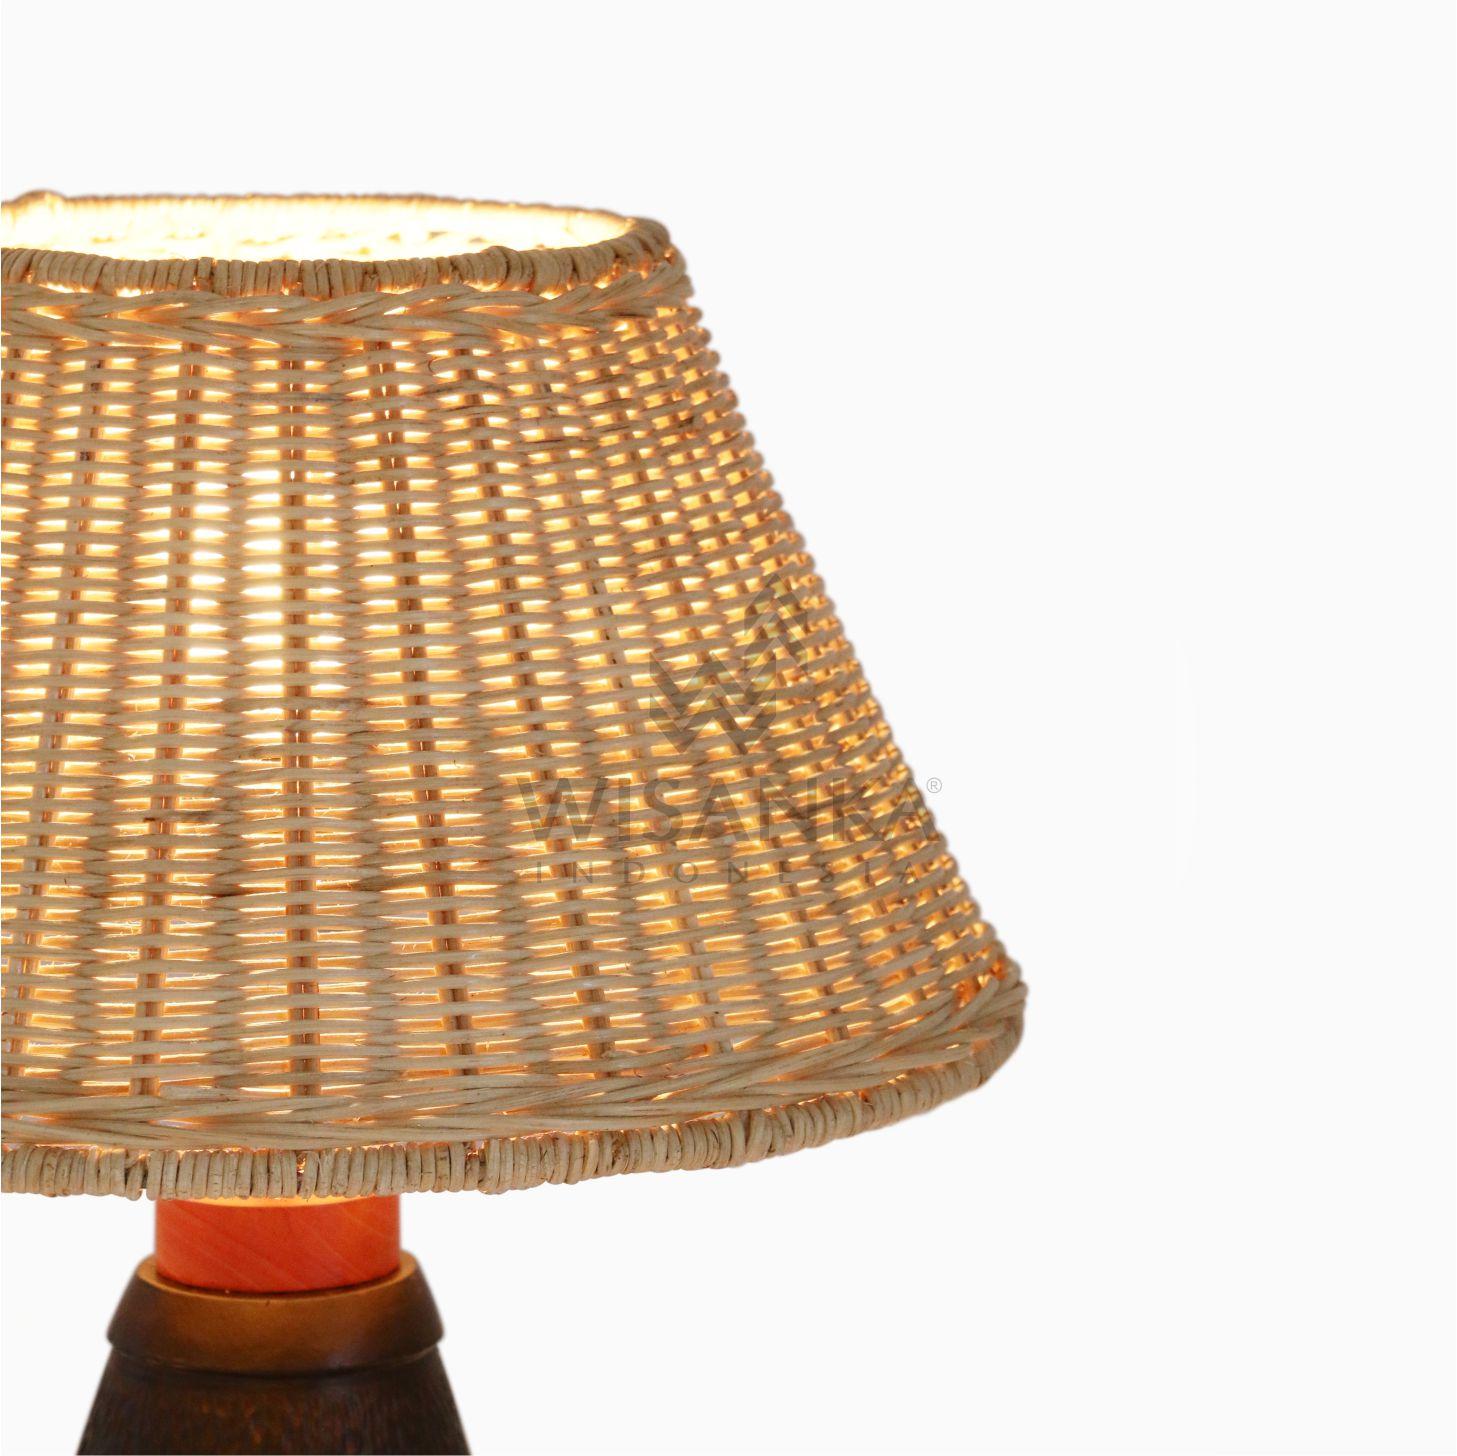 Pepa Natural Rattan Craft Table Lamp Lighting For Living